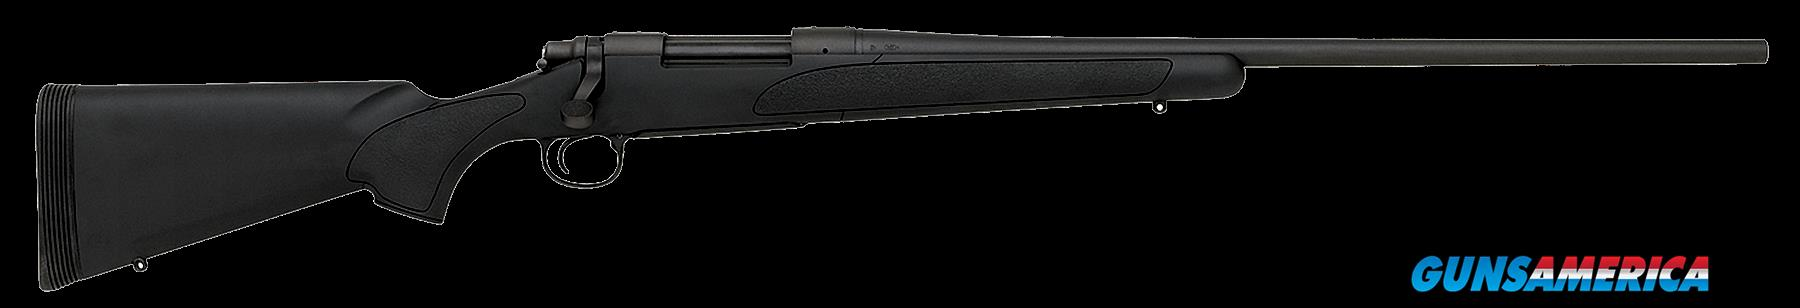 Remington Firearms 700, Rem 27331 700 Sps 270 Wsm  Guns > Pistols > 1911 Pistol Copies (non-Colt)